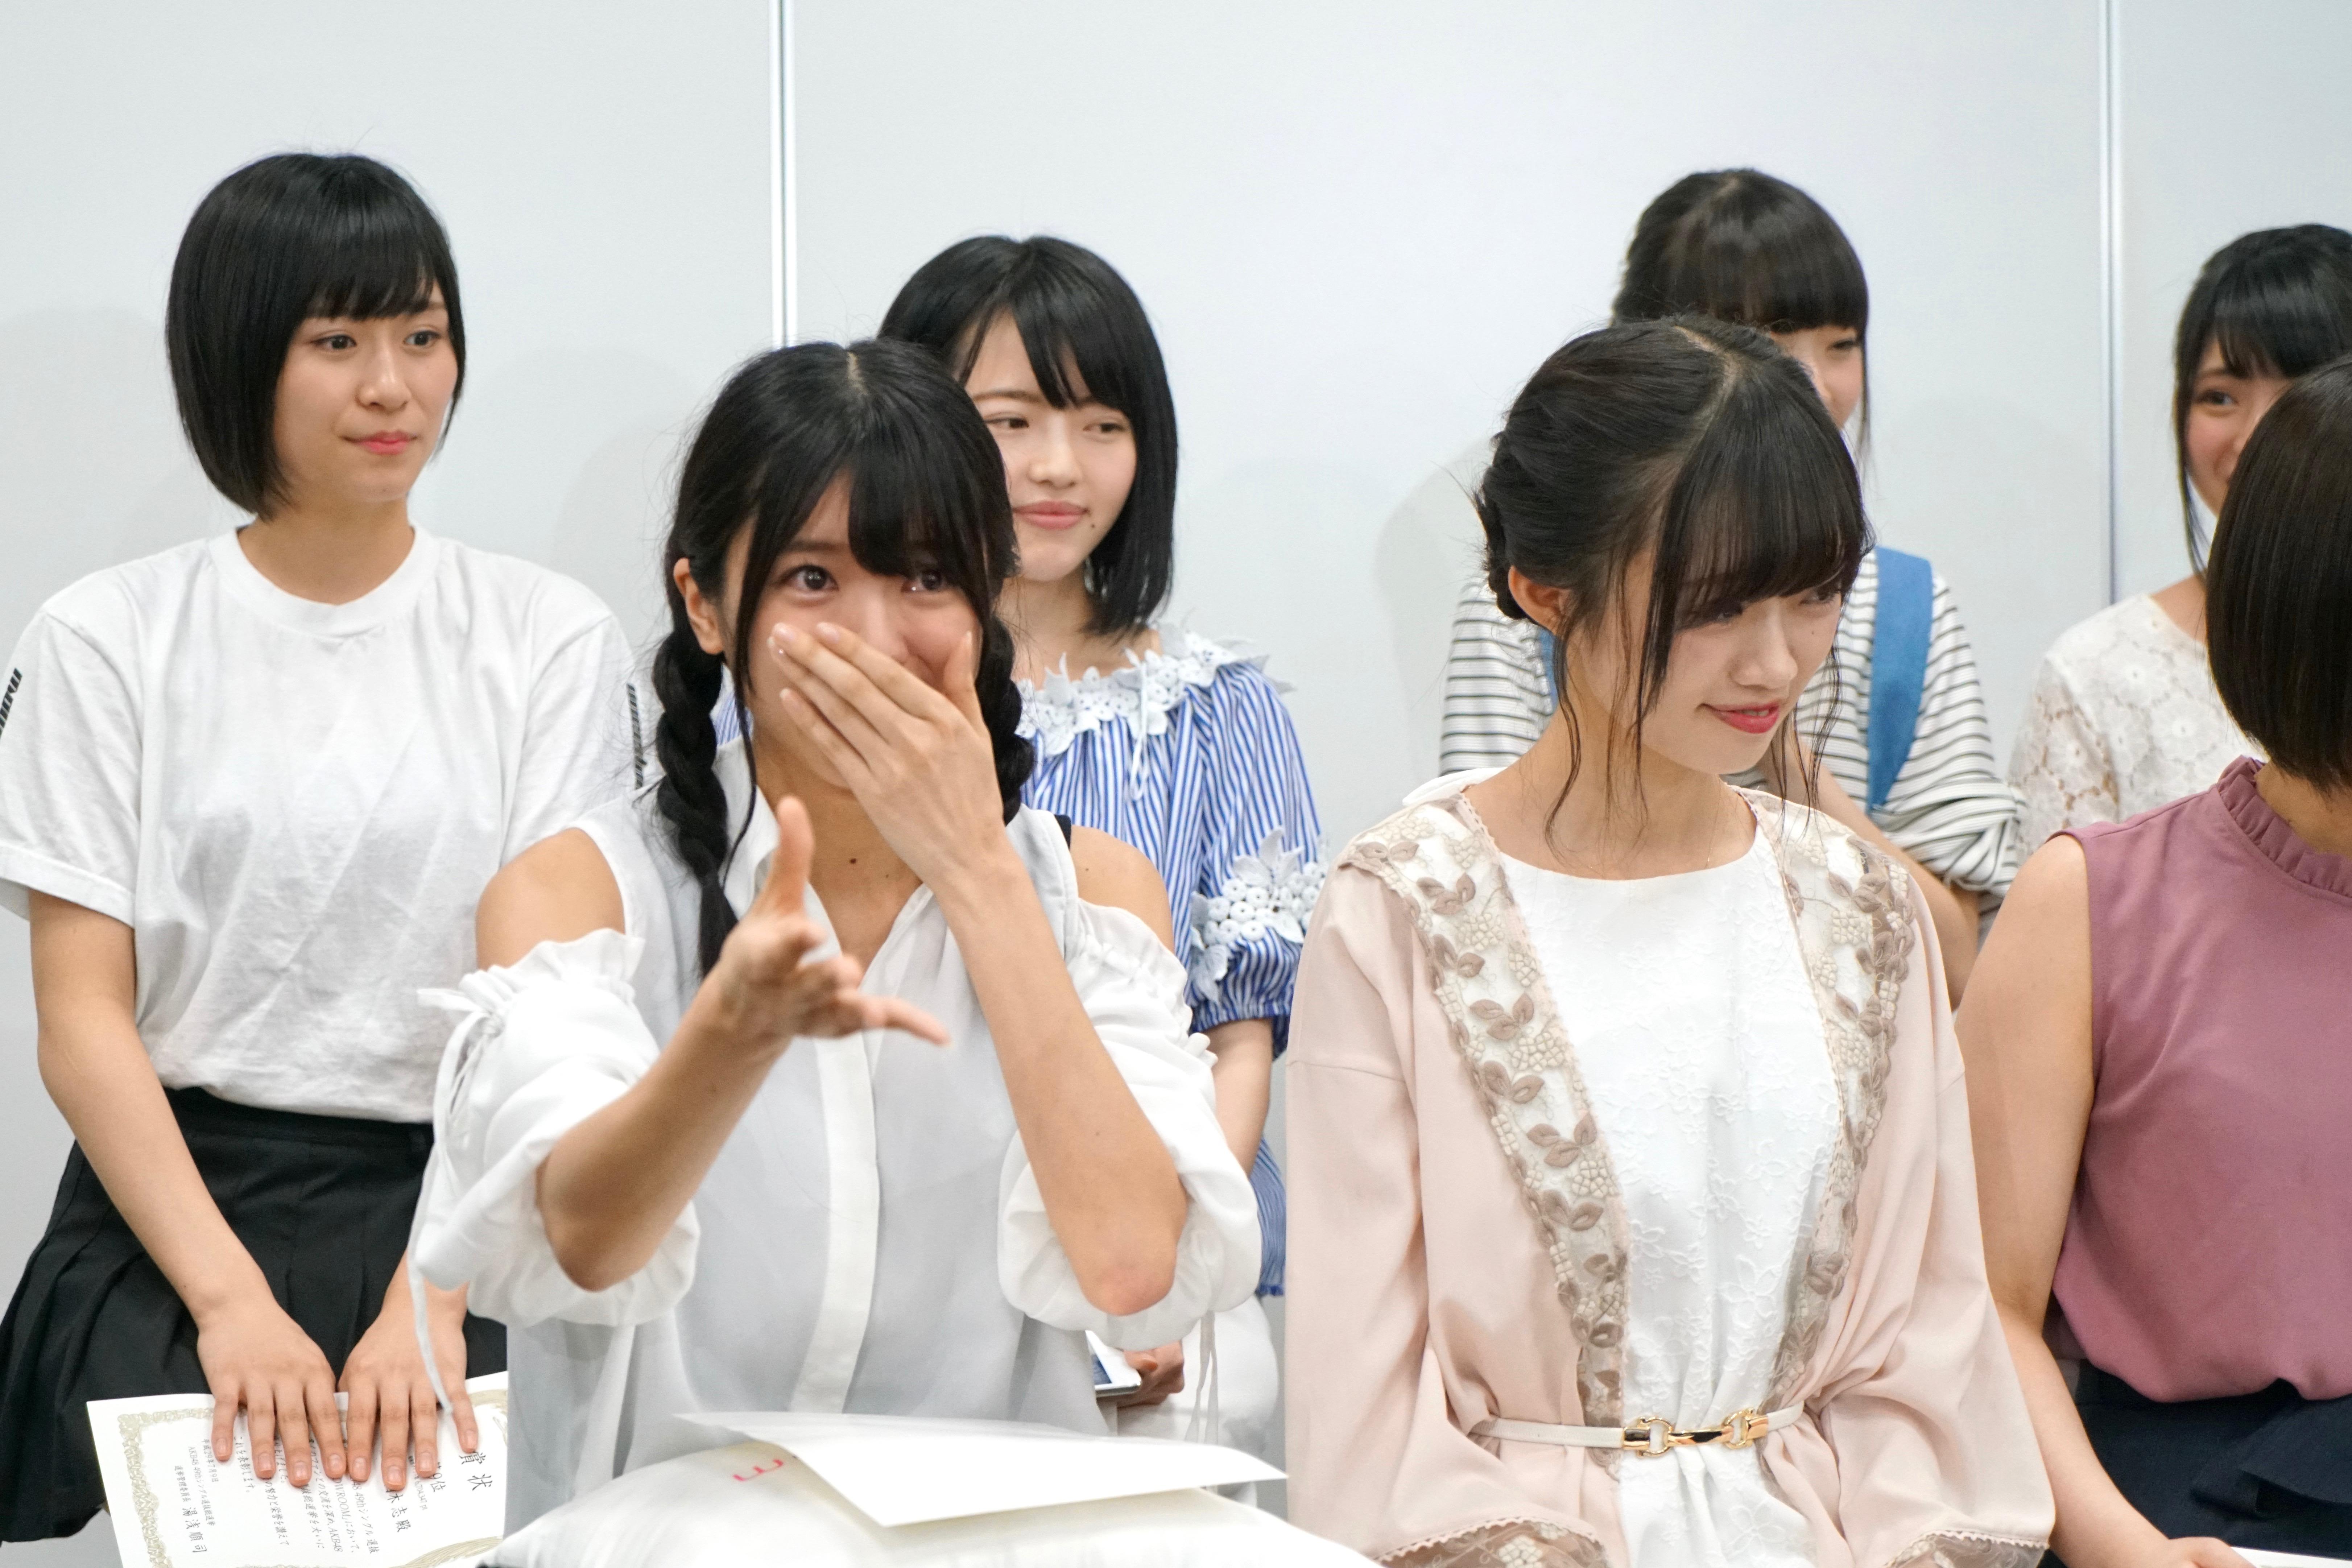 SHOWROOM選抜メンバーでの楽曲を発表され喜びのあまりに涙ぐむ大西桃香